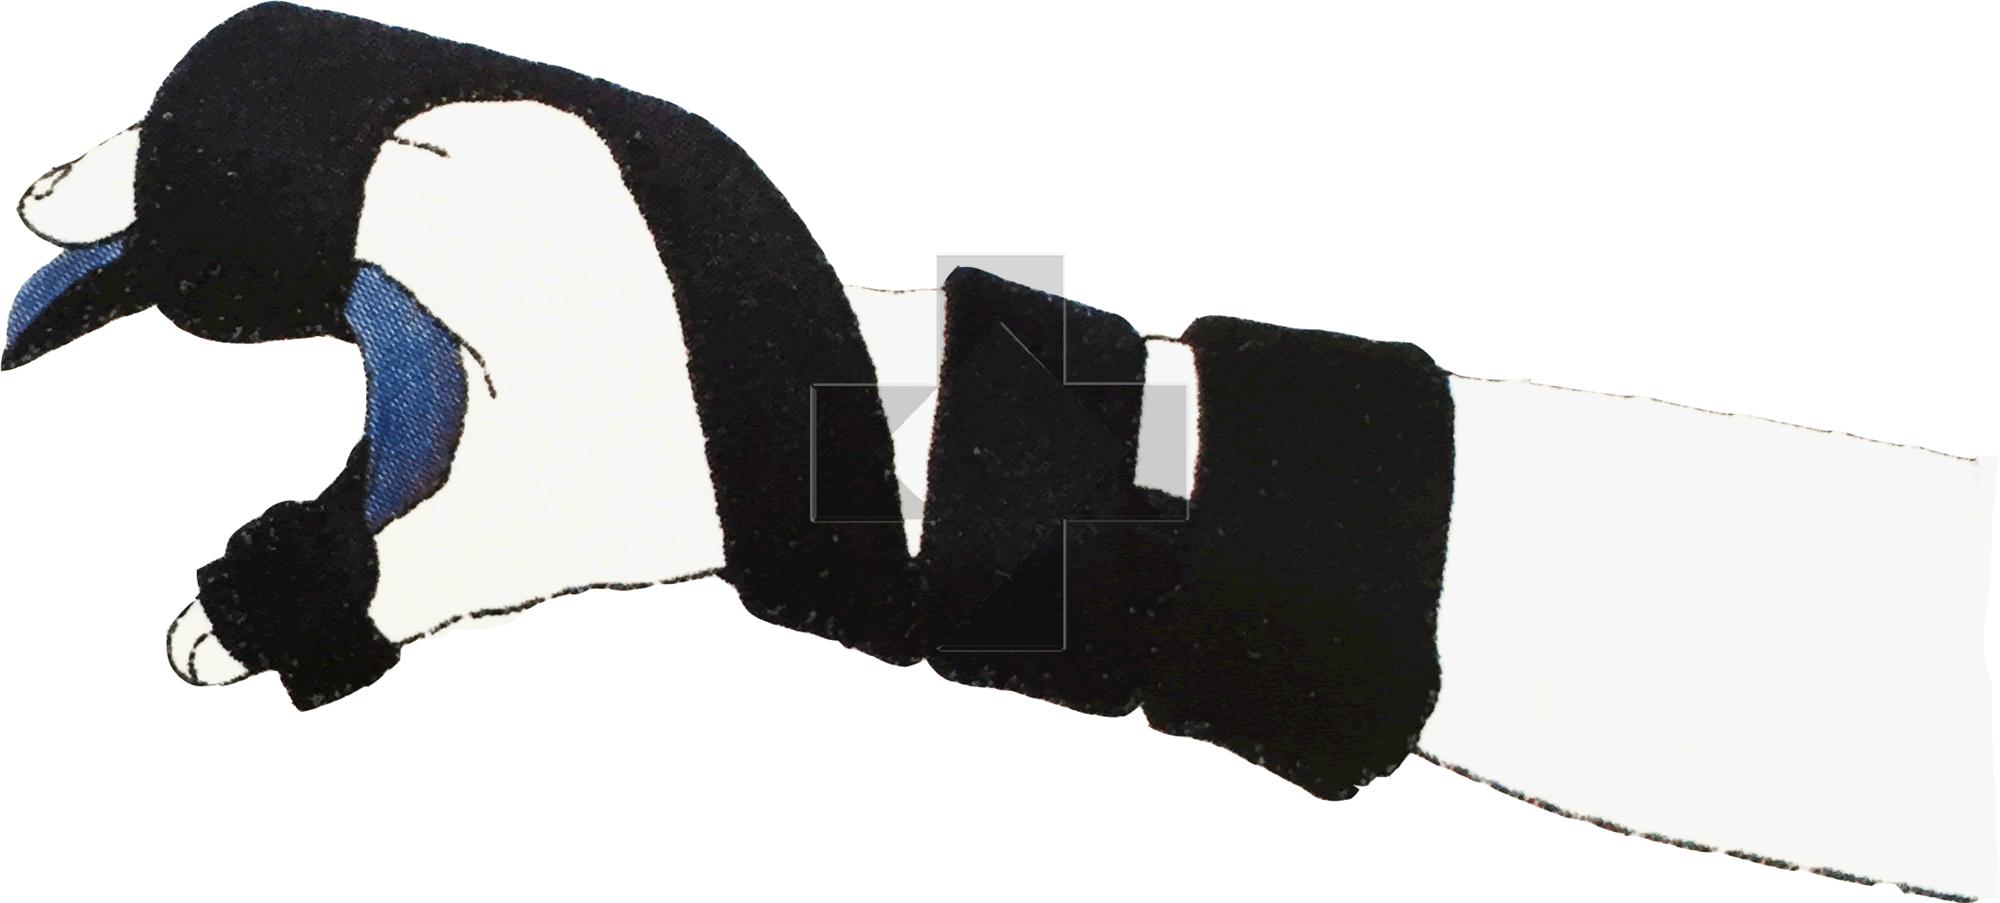 Ortesi palmare polso/dita Neuro Soft 28P50 Otto Bock